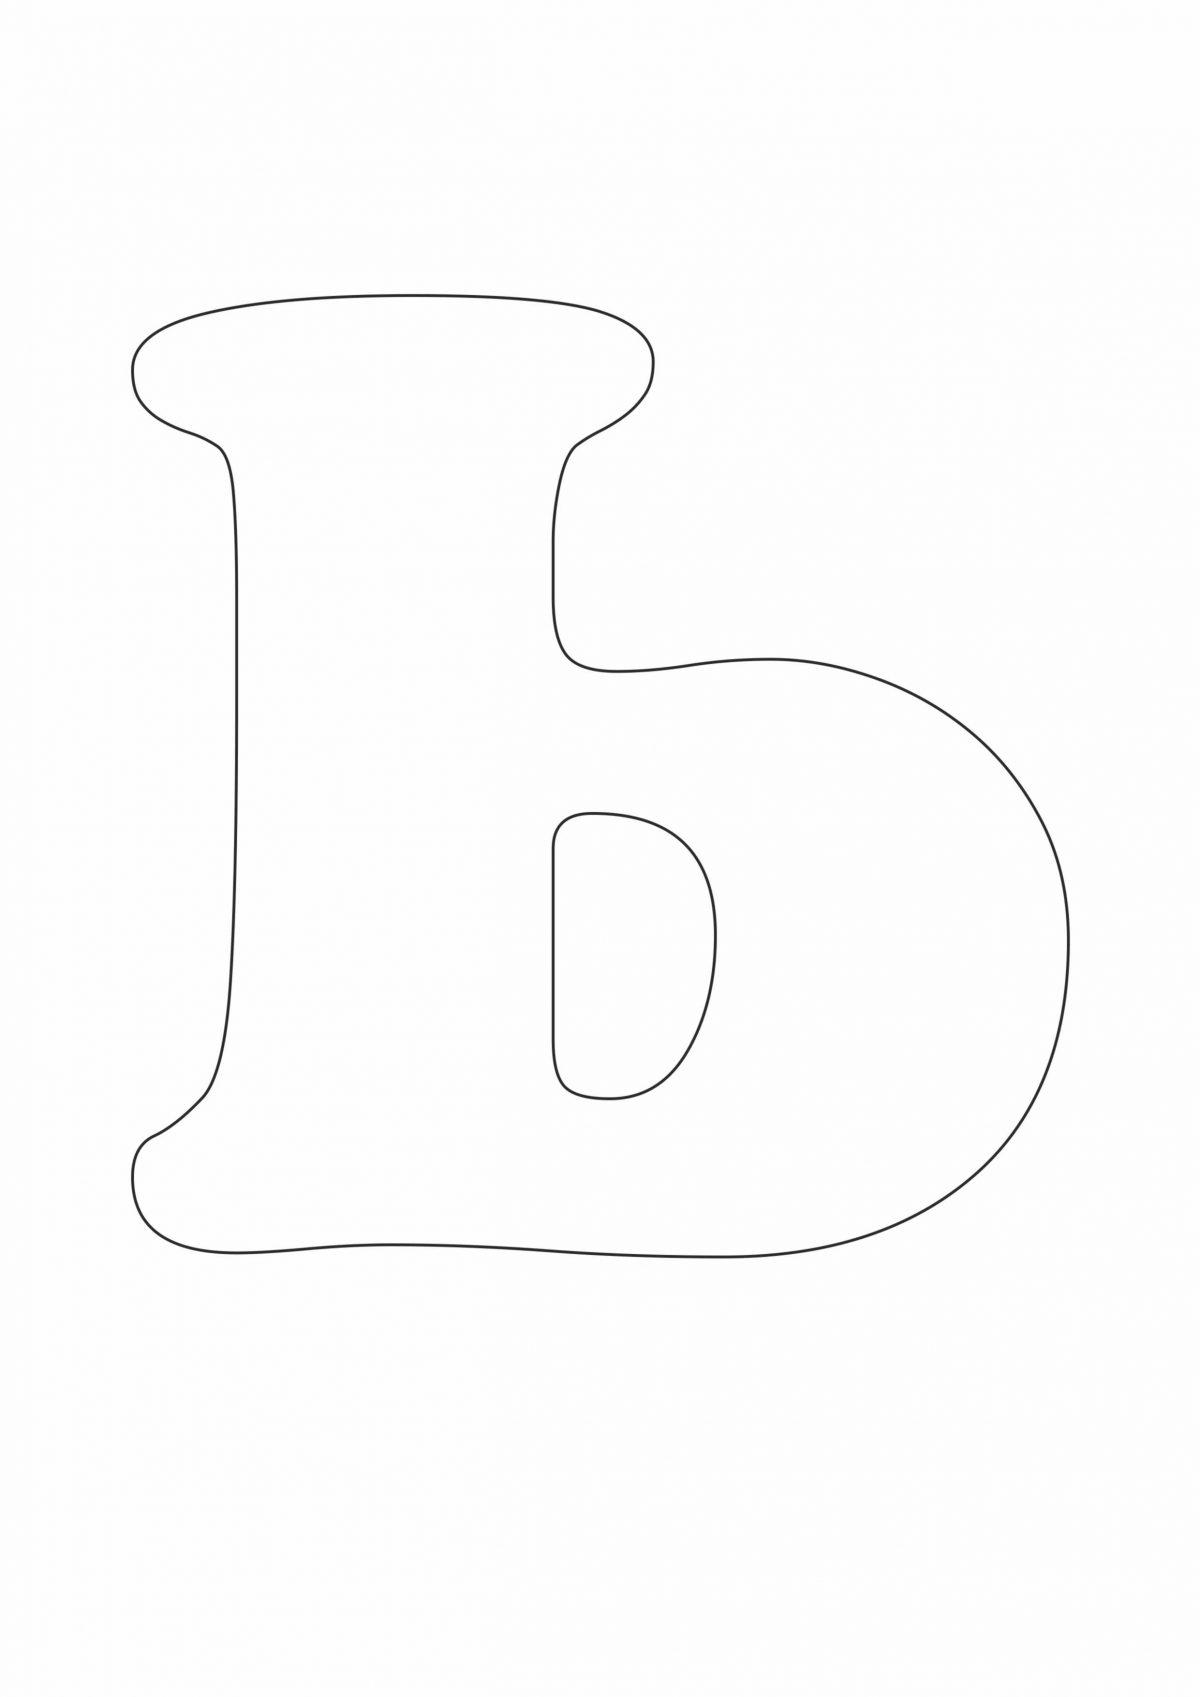 Трафарет буквы Ь